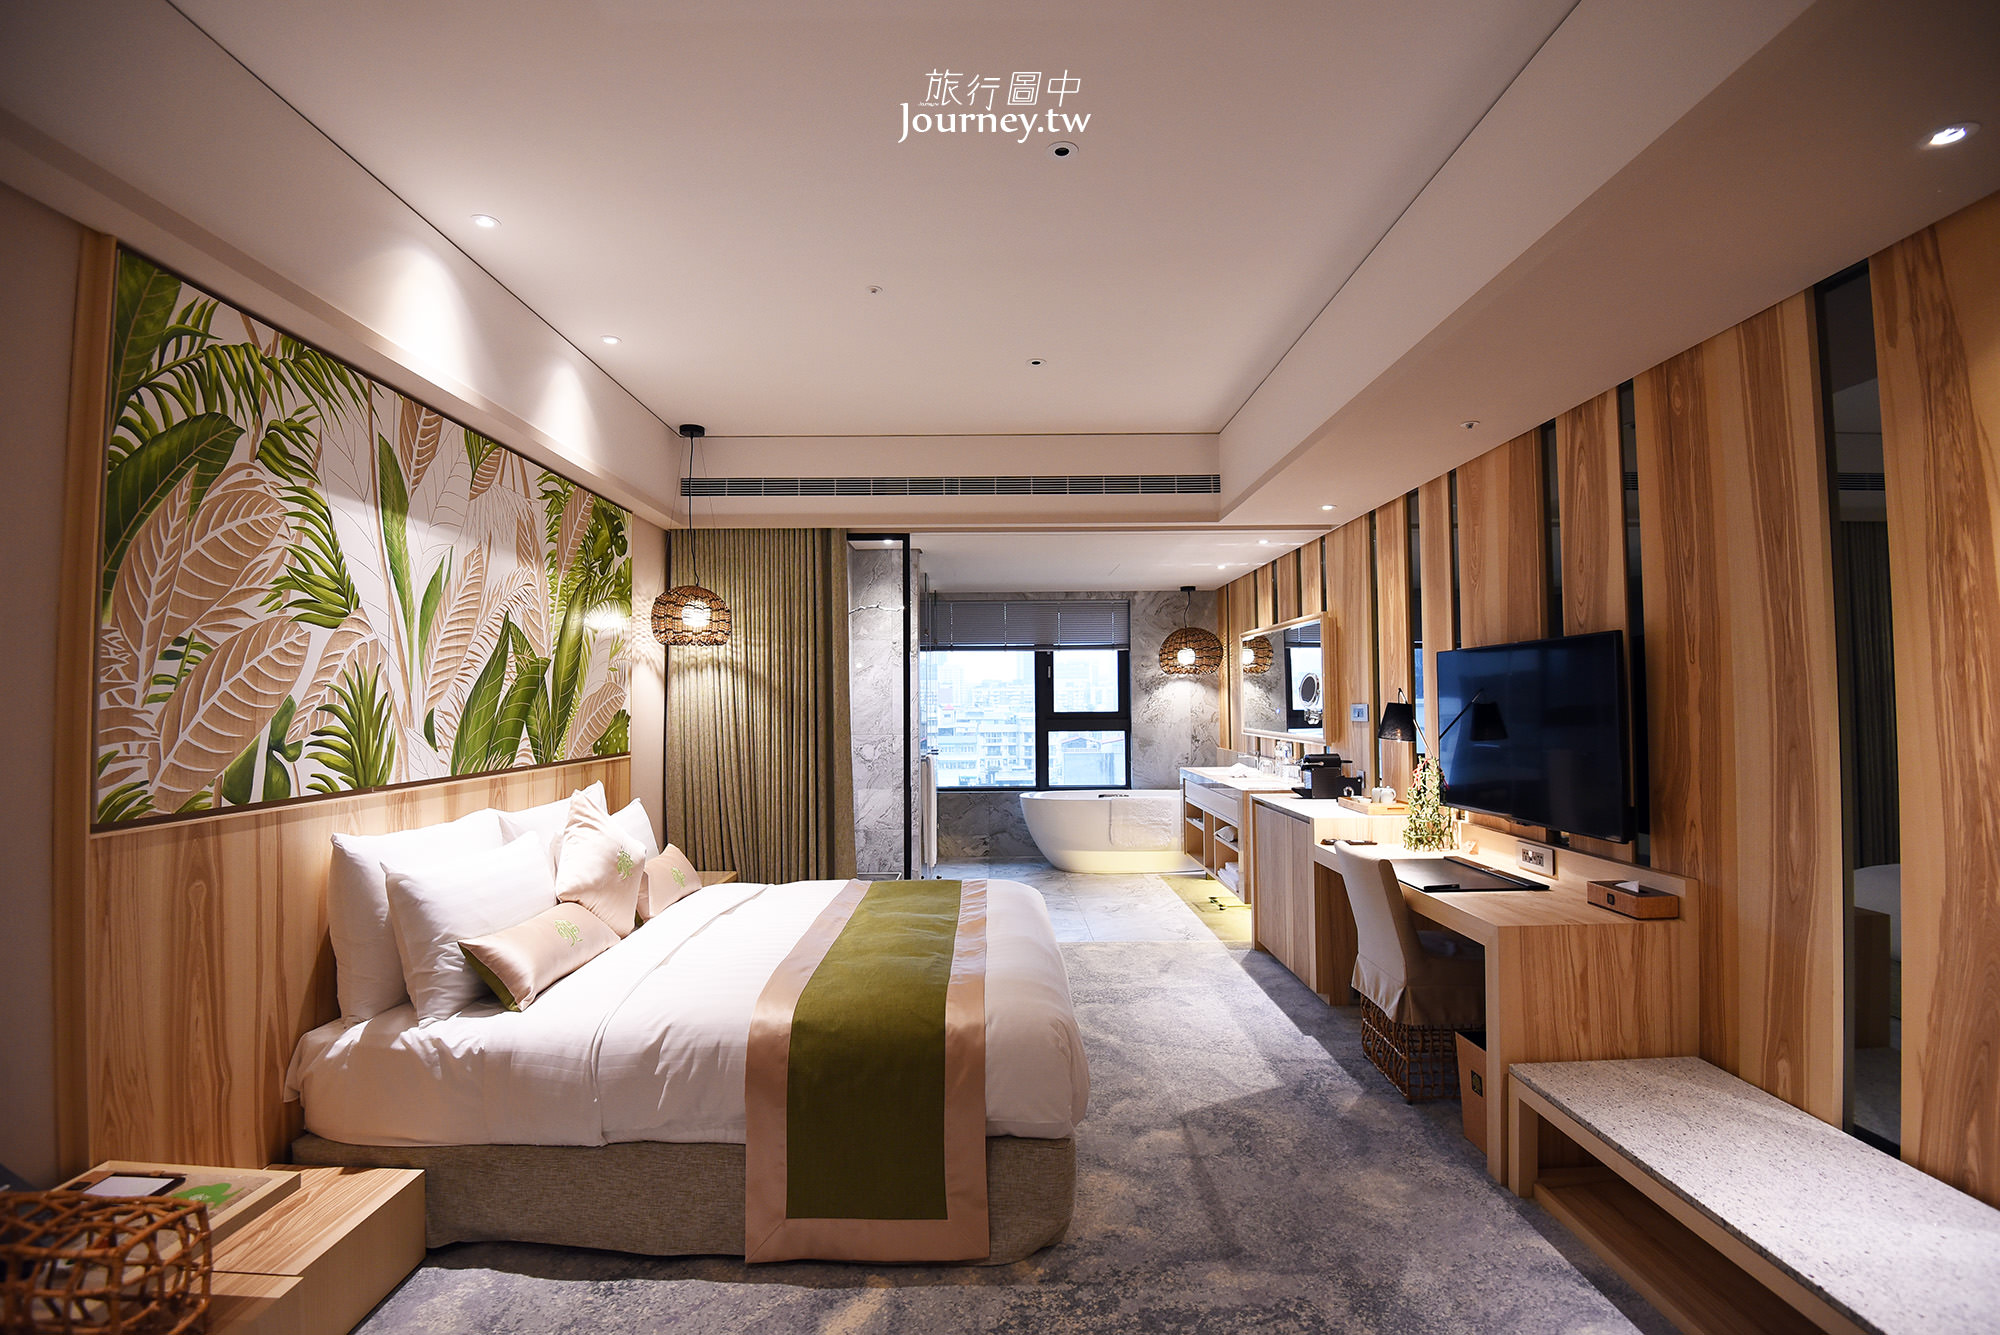 台北,台北住宿,小巨蛋,阿樹國際旅店,arTree hotel